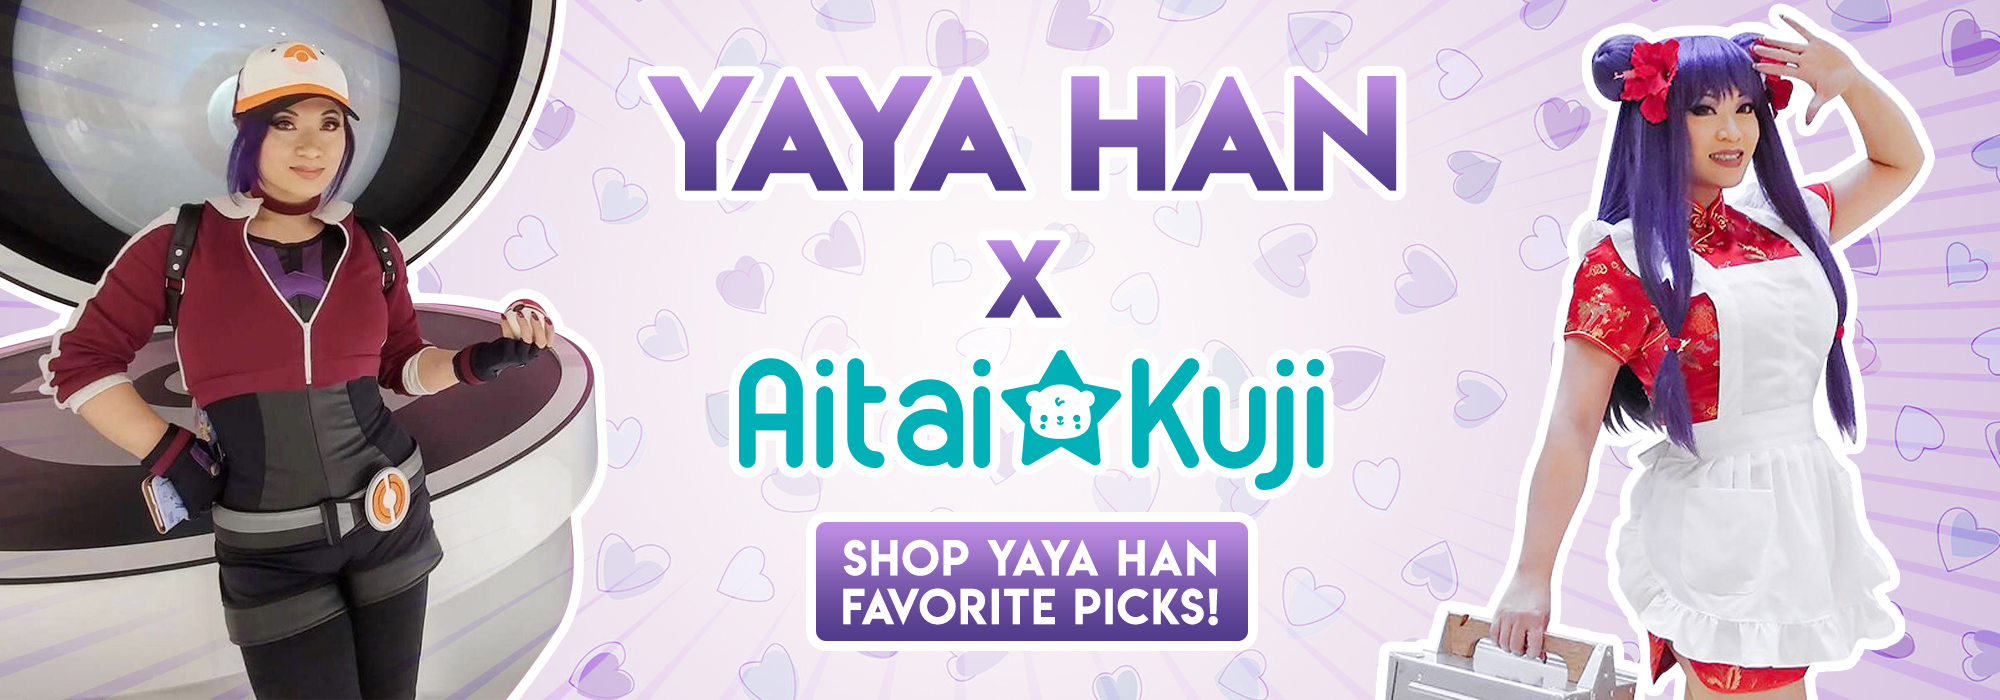 Presenting...Yaya Han's Favorite Picks!